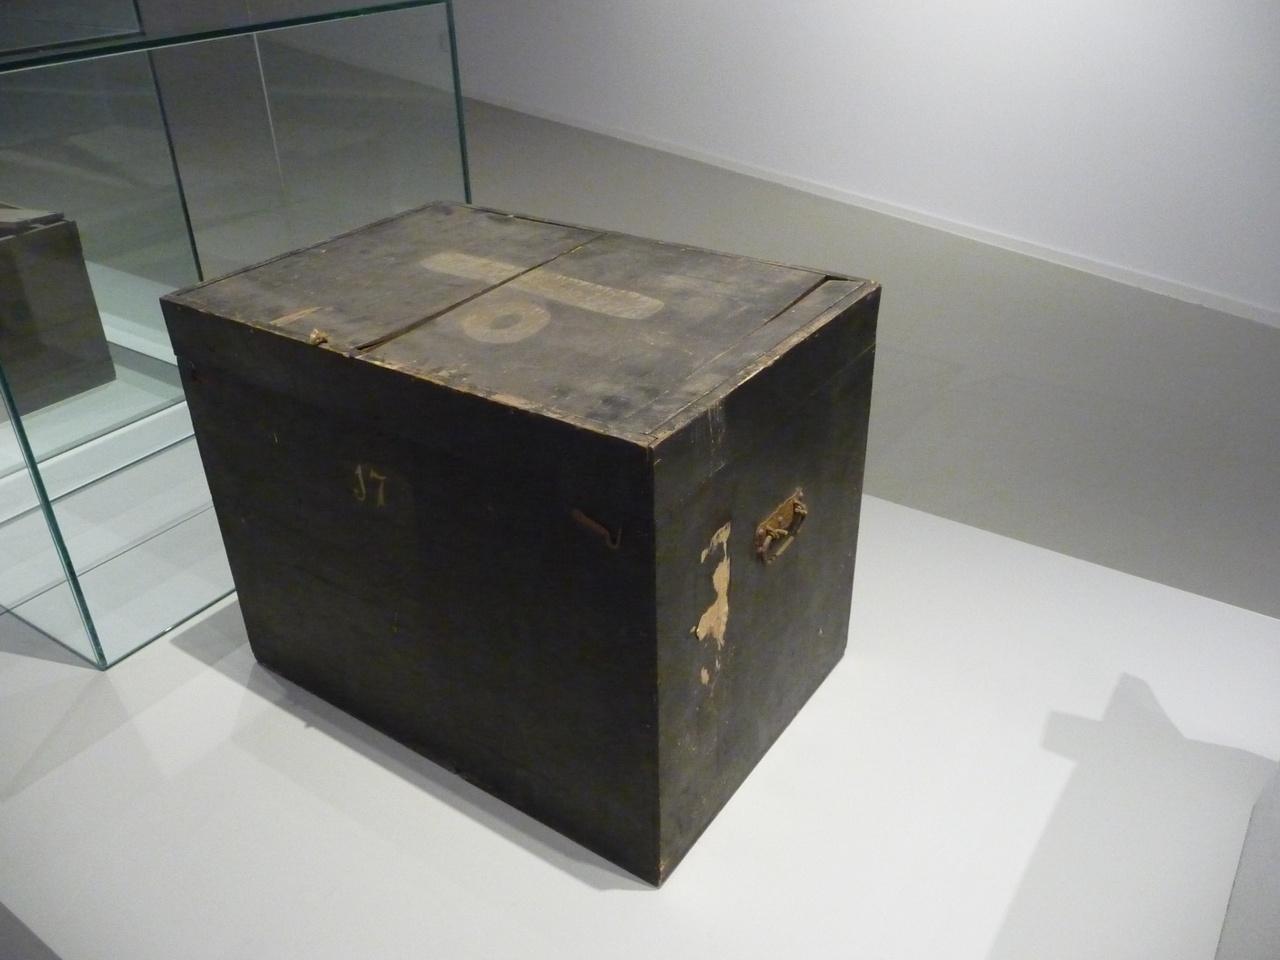 Kist voor glasnegatieven met nummer 0